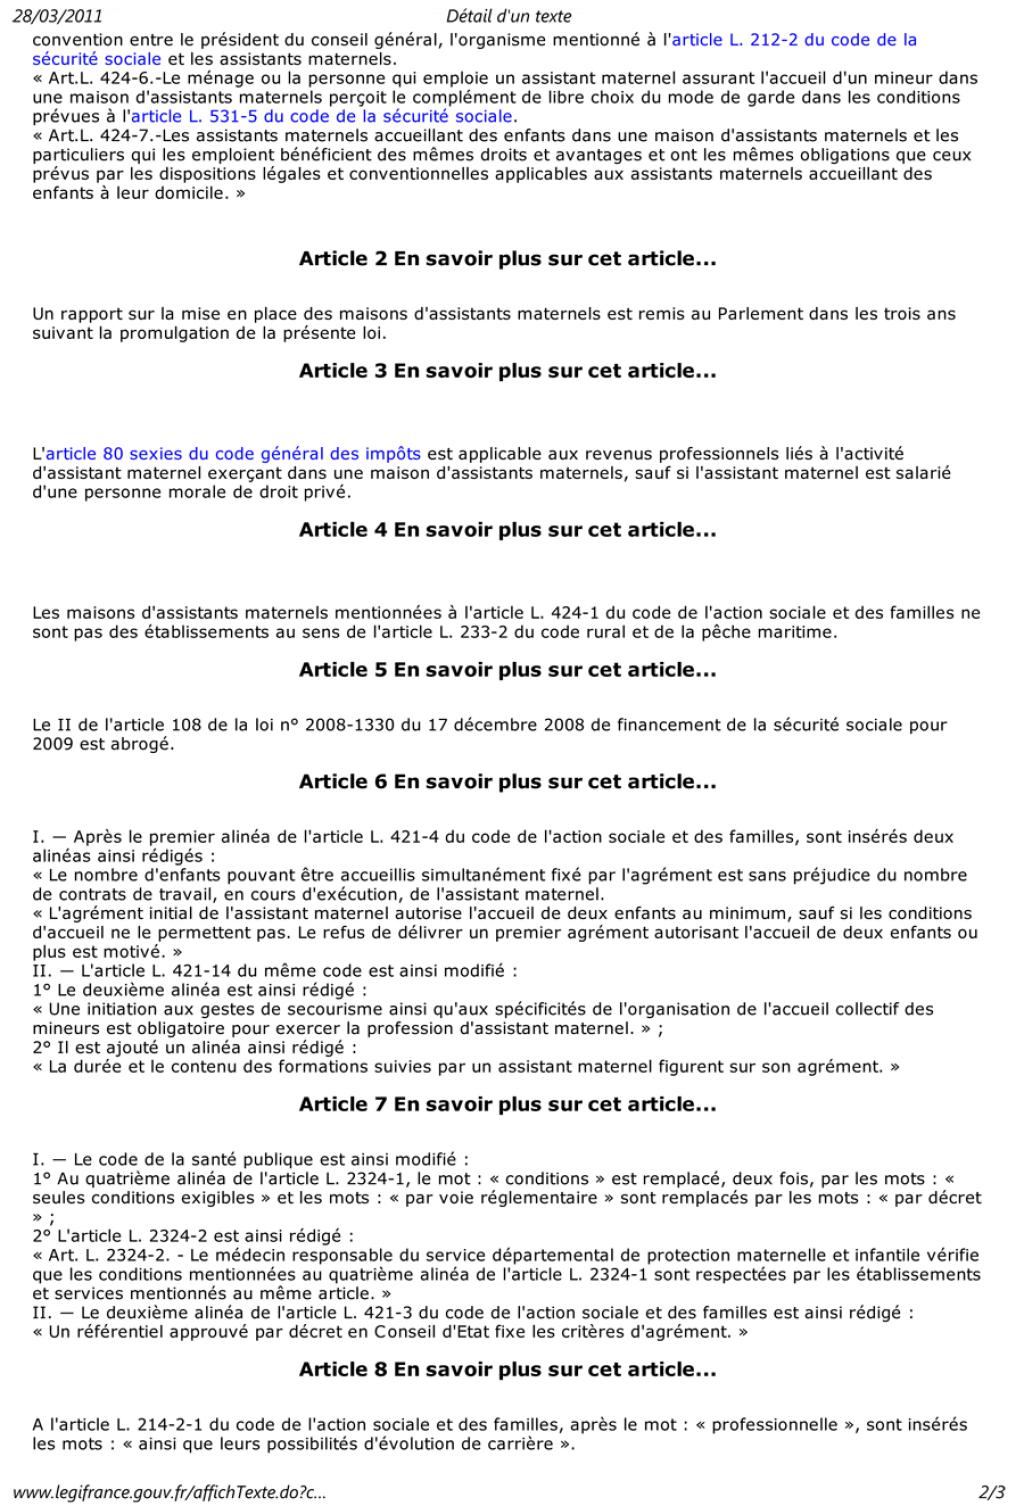 Loi sur la création MAM Loi-page-2-271a96d